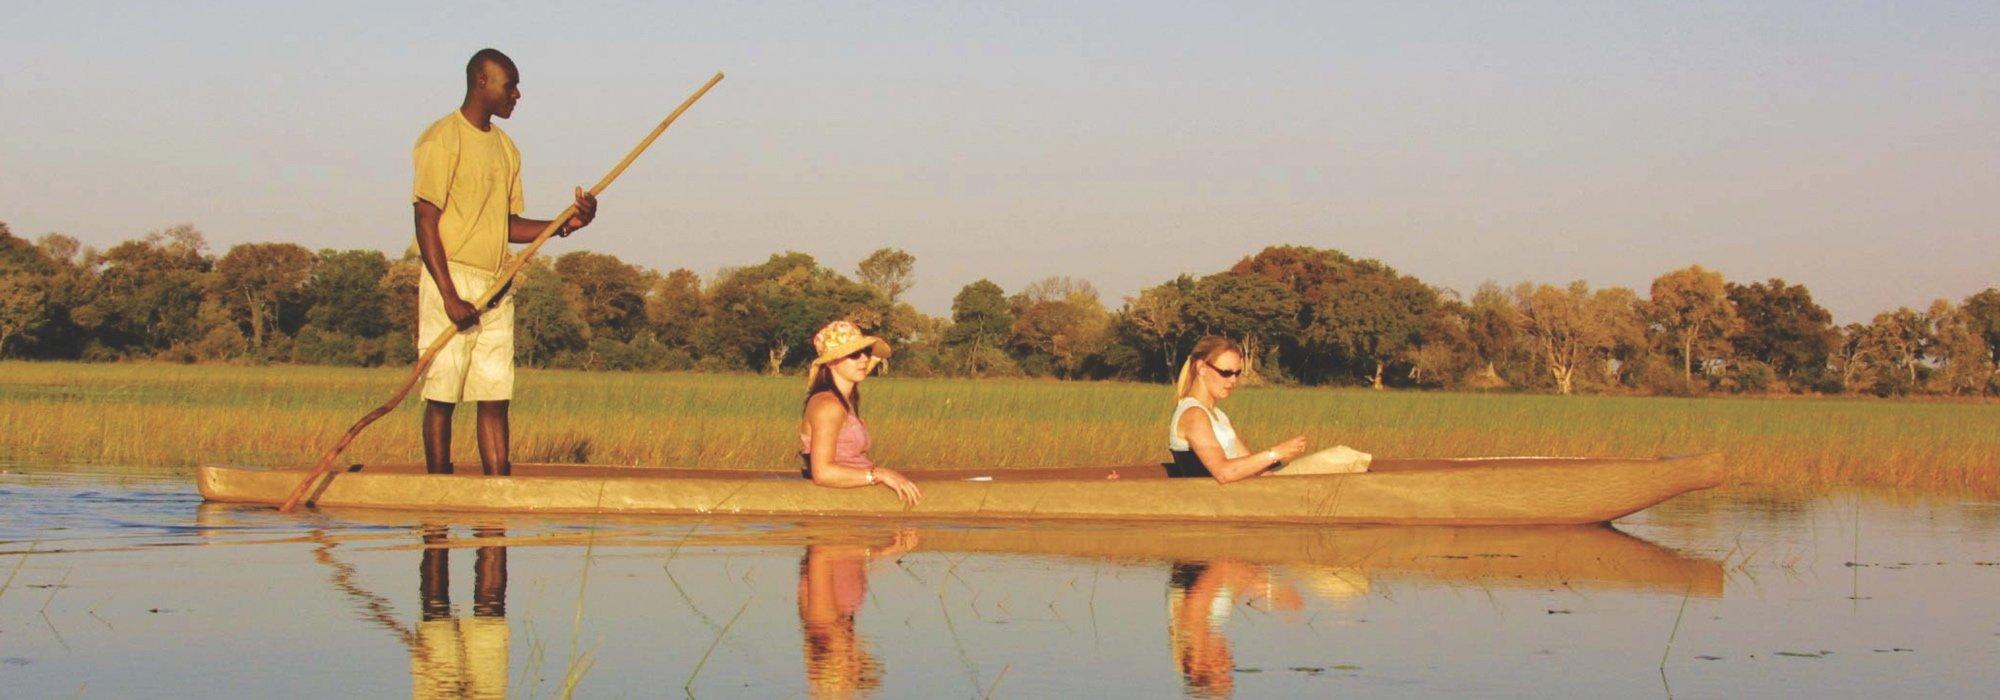 A Mokoro ride in Botswana